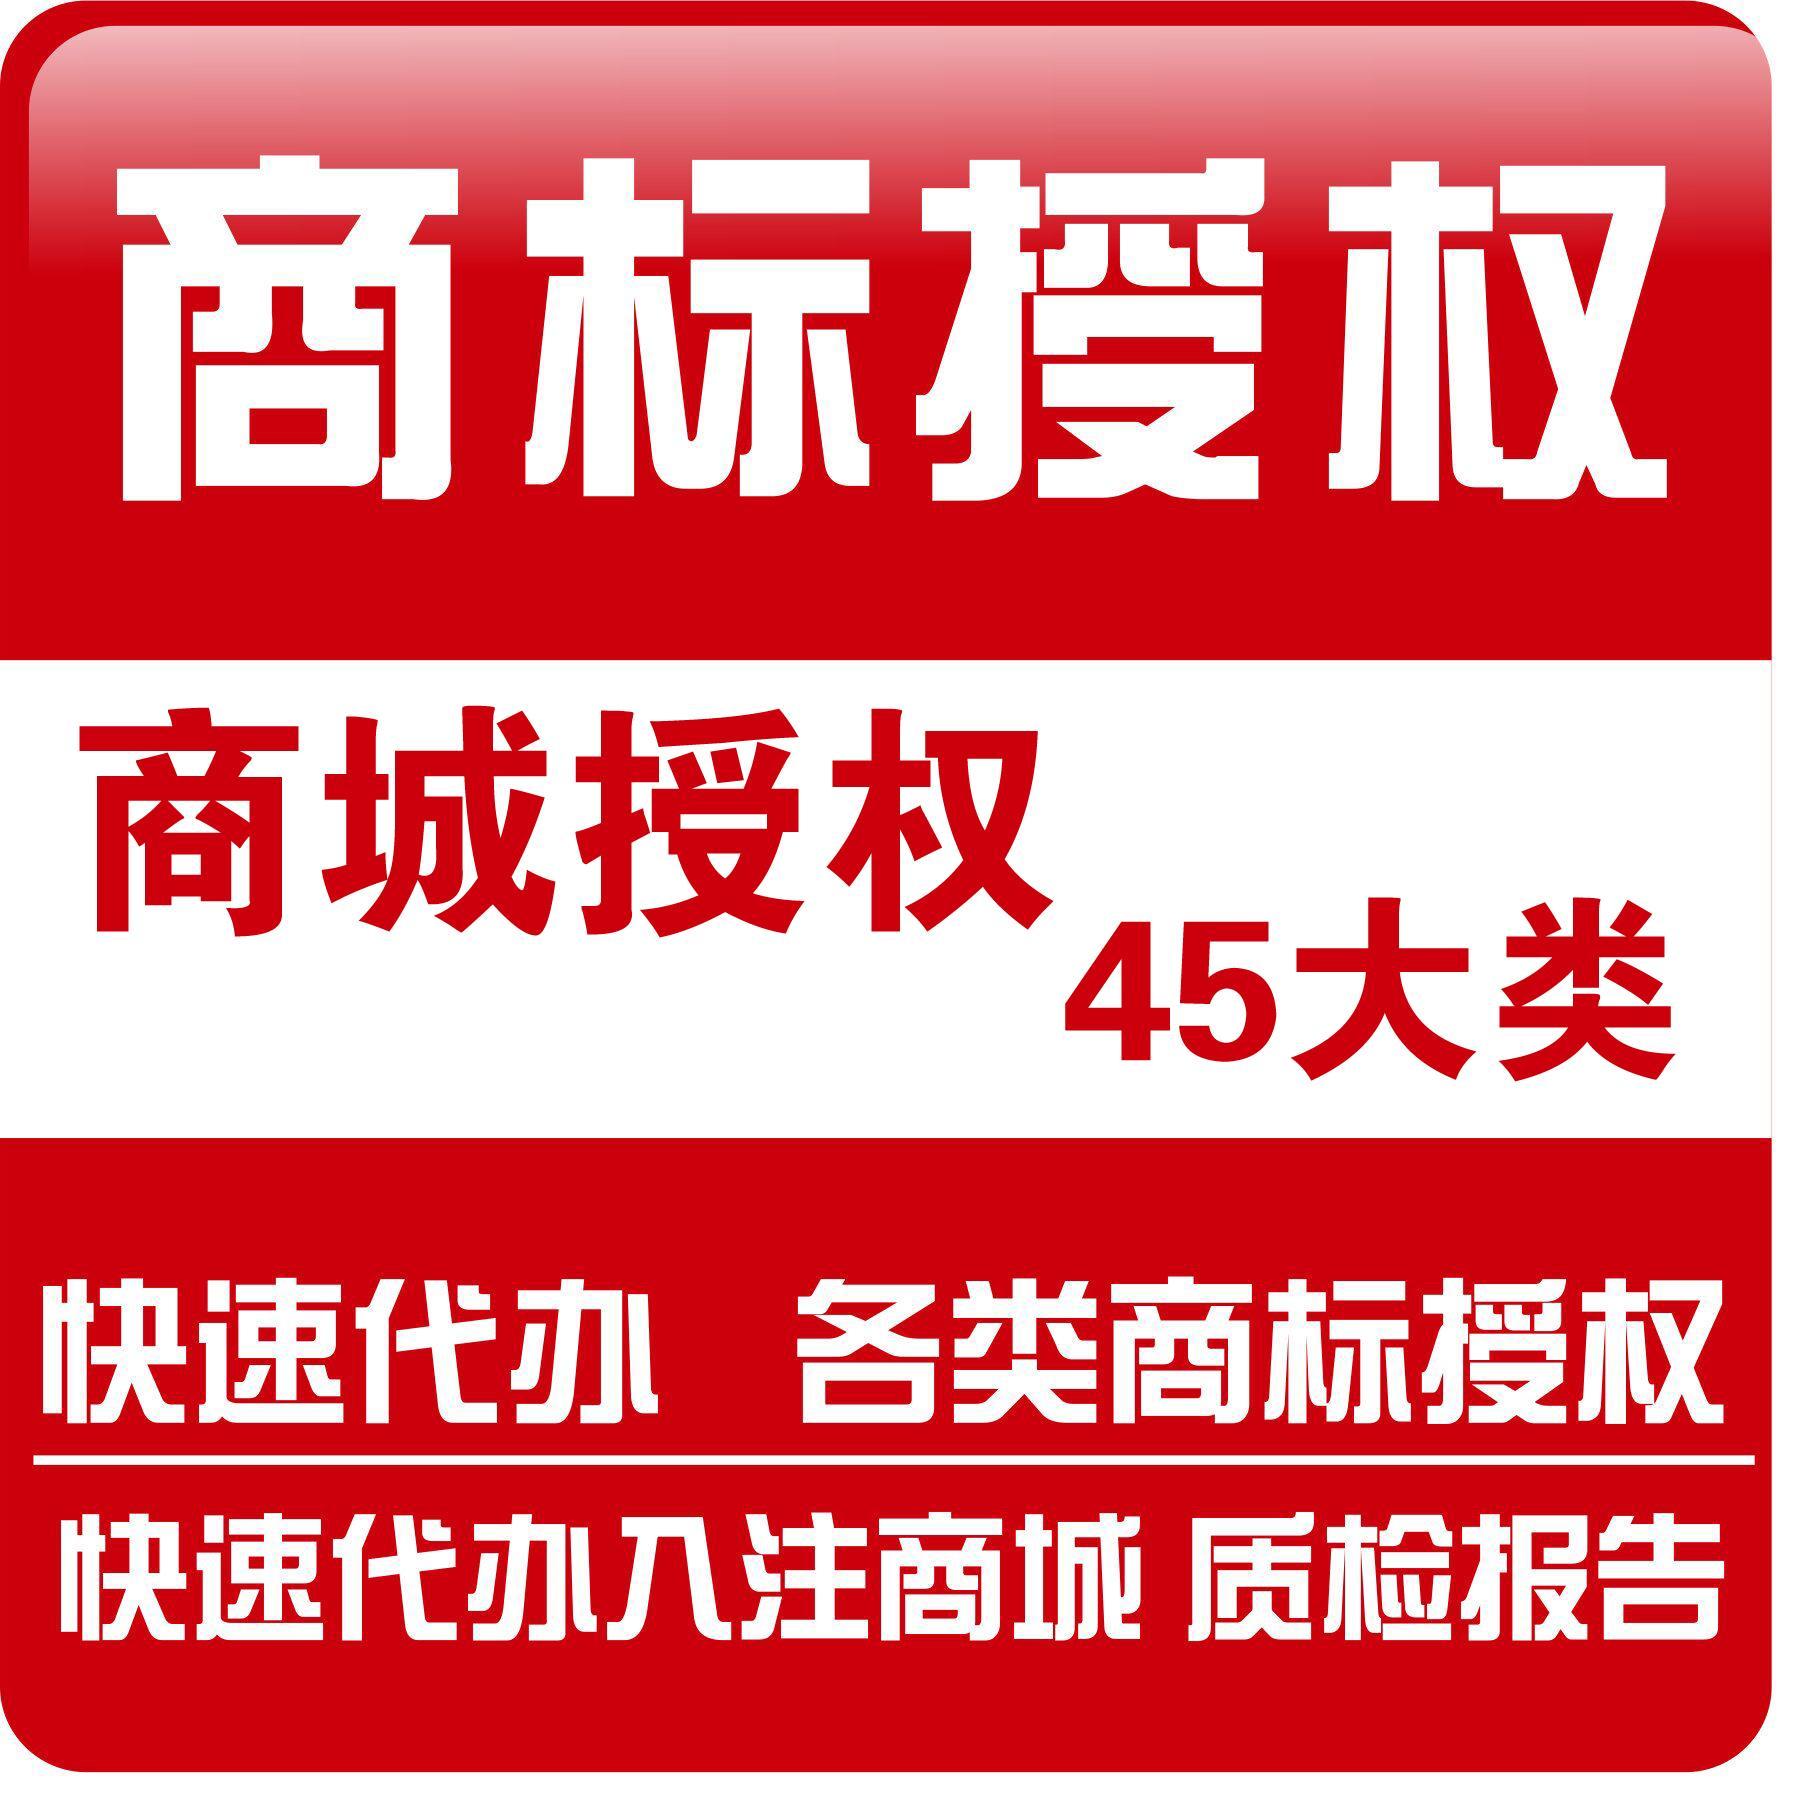 化妆品商标授权3类彩妆香水美妆工具商标品牌授权商标入驻京东